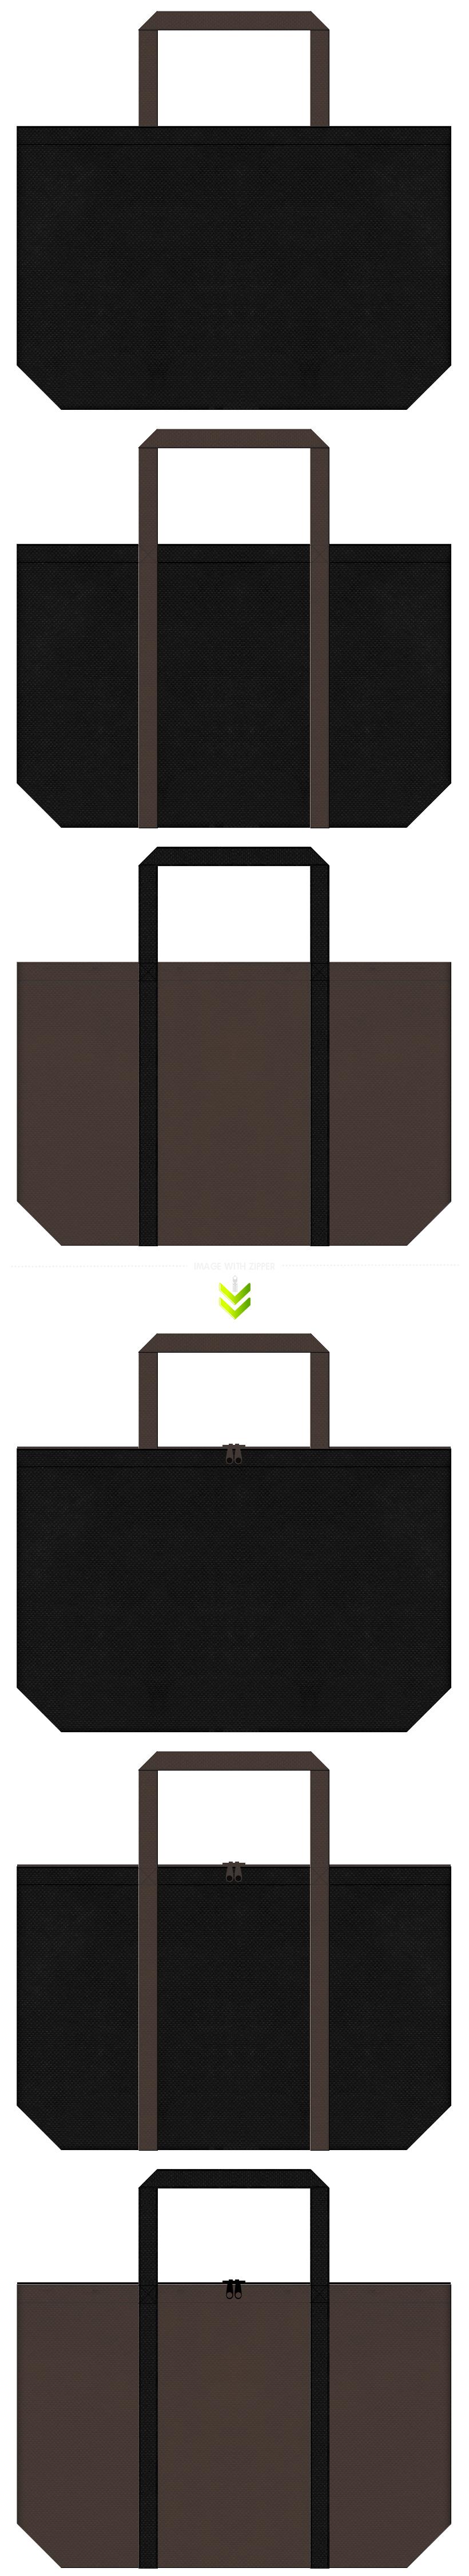 忍者コスプレ、忍者イベントのバッグノベルティにお奨めのコーデ。黒色とこげ茶色の不織布バッグデザイン。